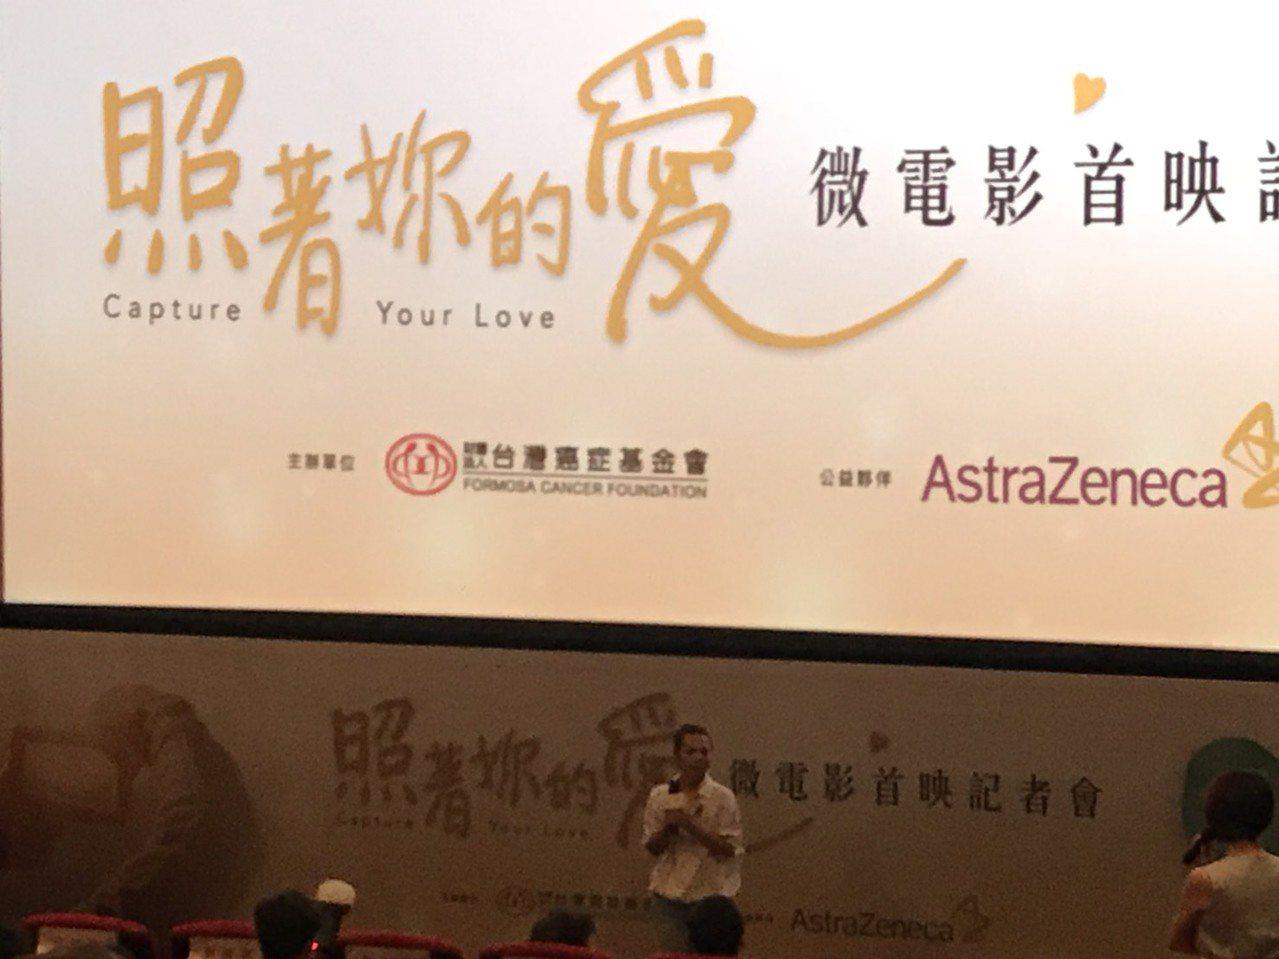 台灣癌症基金會今在京站威秀推出微電影「照著妳的愛」首映,以女性角度講述卵巢癌友面...